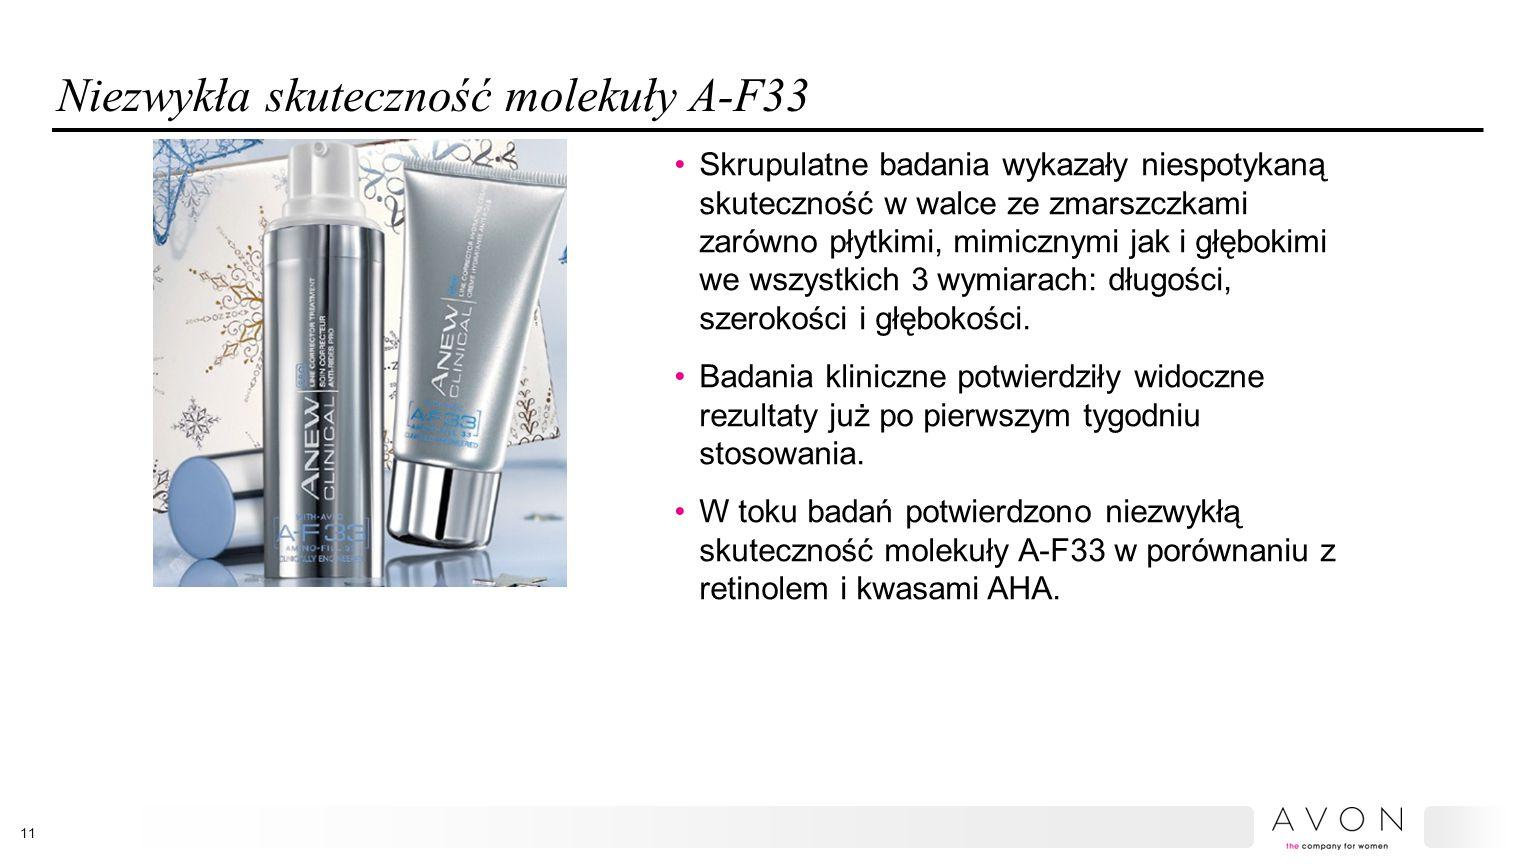 Niezwykła skuteczność molekuły A-F33 Skrupulatne badania wykazały niespotykaną skuteczność w walce ze zmarszczkami zarówno płytkimi, mimicznymi jak i głębokimi we wszystkich 3 wymiarach: długości, szerokości i głębokości.